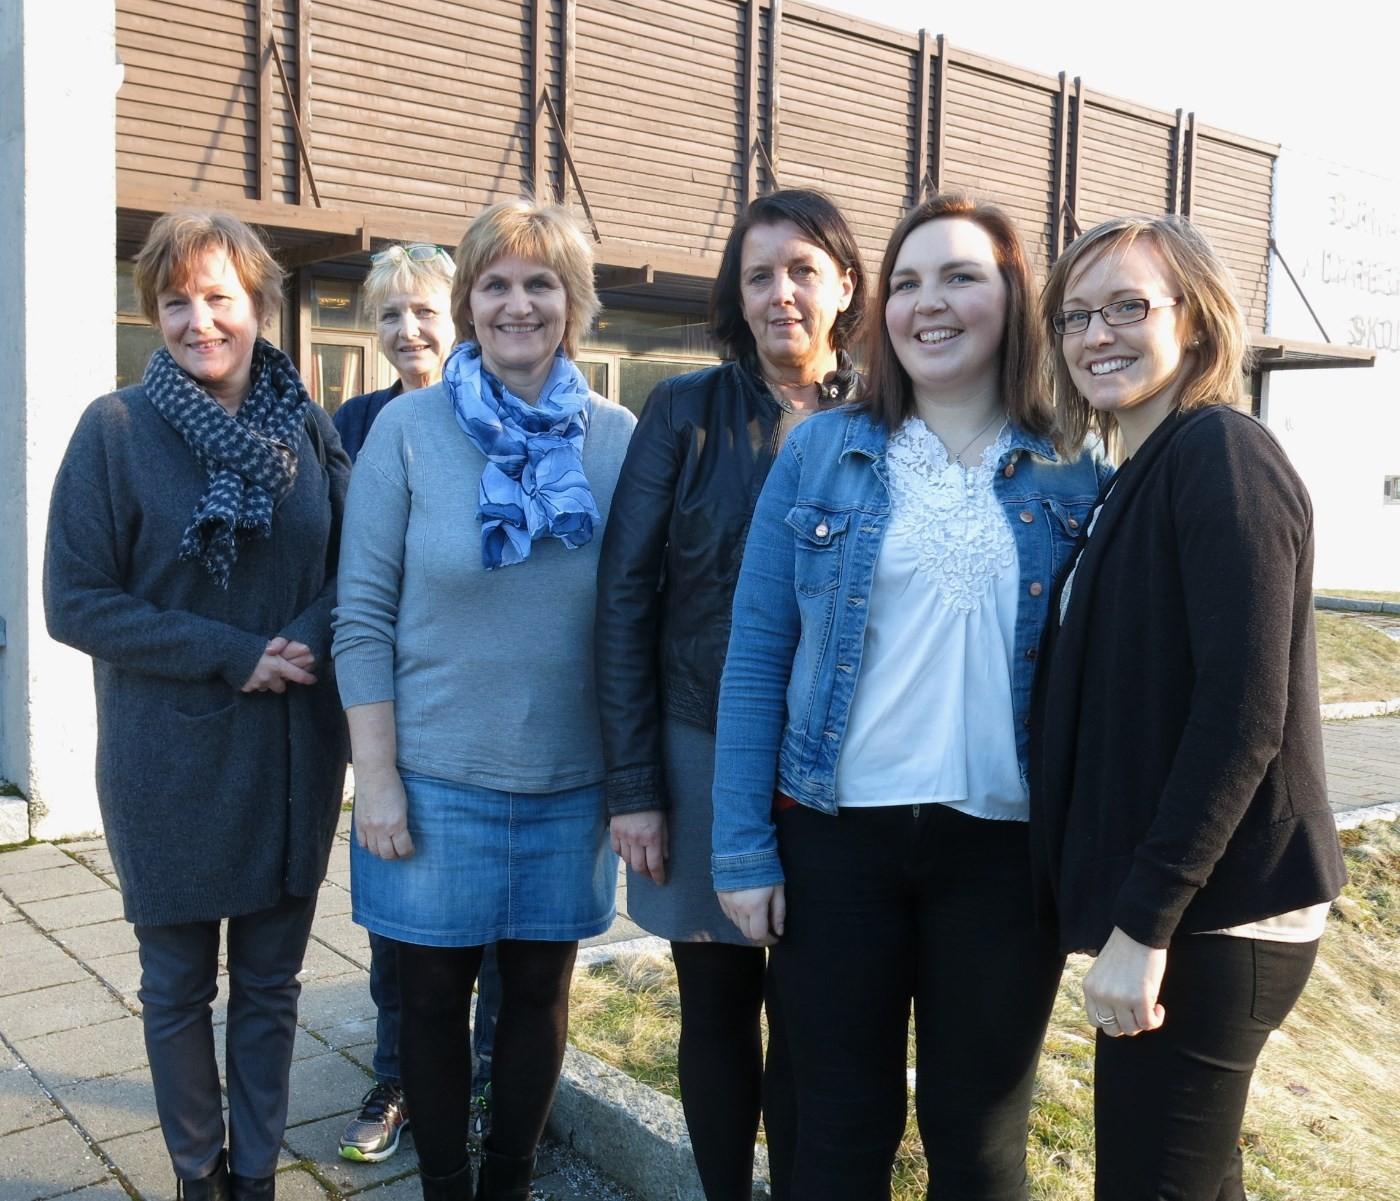 Frå venstre:  Wenche Fjeldset, Liv Grete Stenberg, Ann Helen Gjerdevik, Arnhild Sæter, Trine Eggan og Ingvild Kårvatn.  Foto: Dordi Jorunn Halle